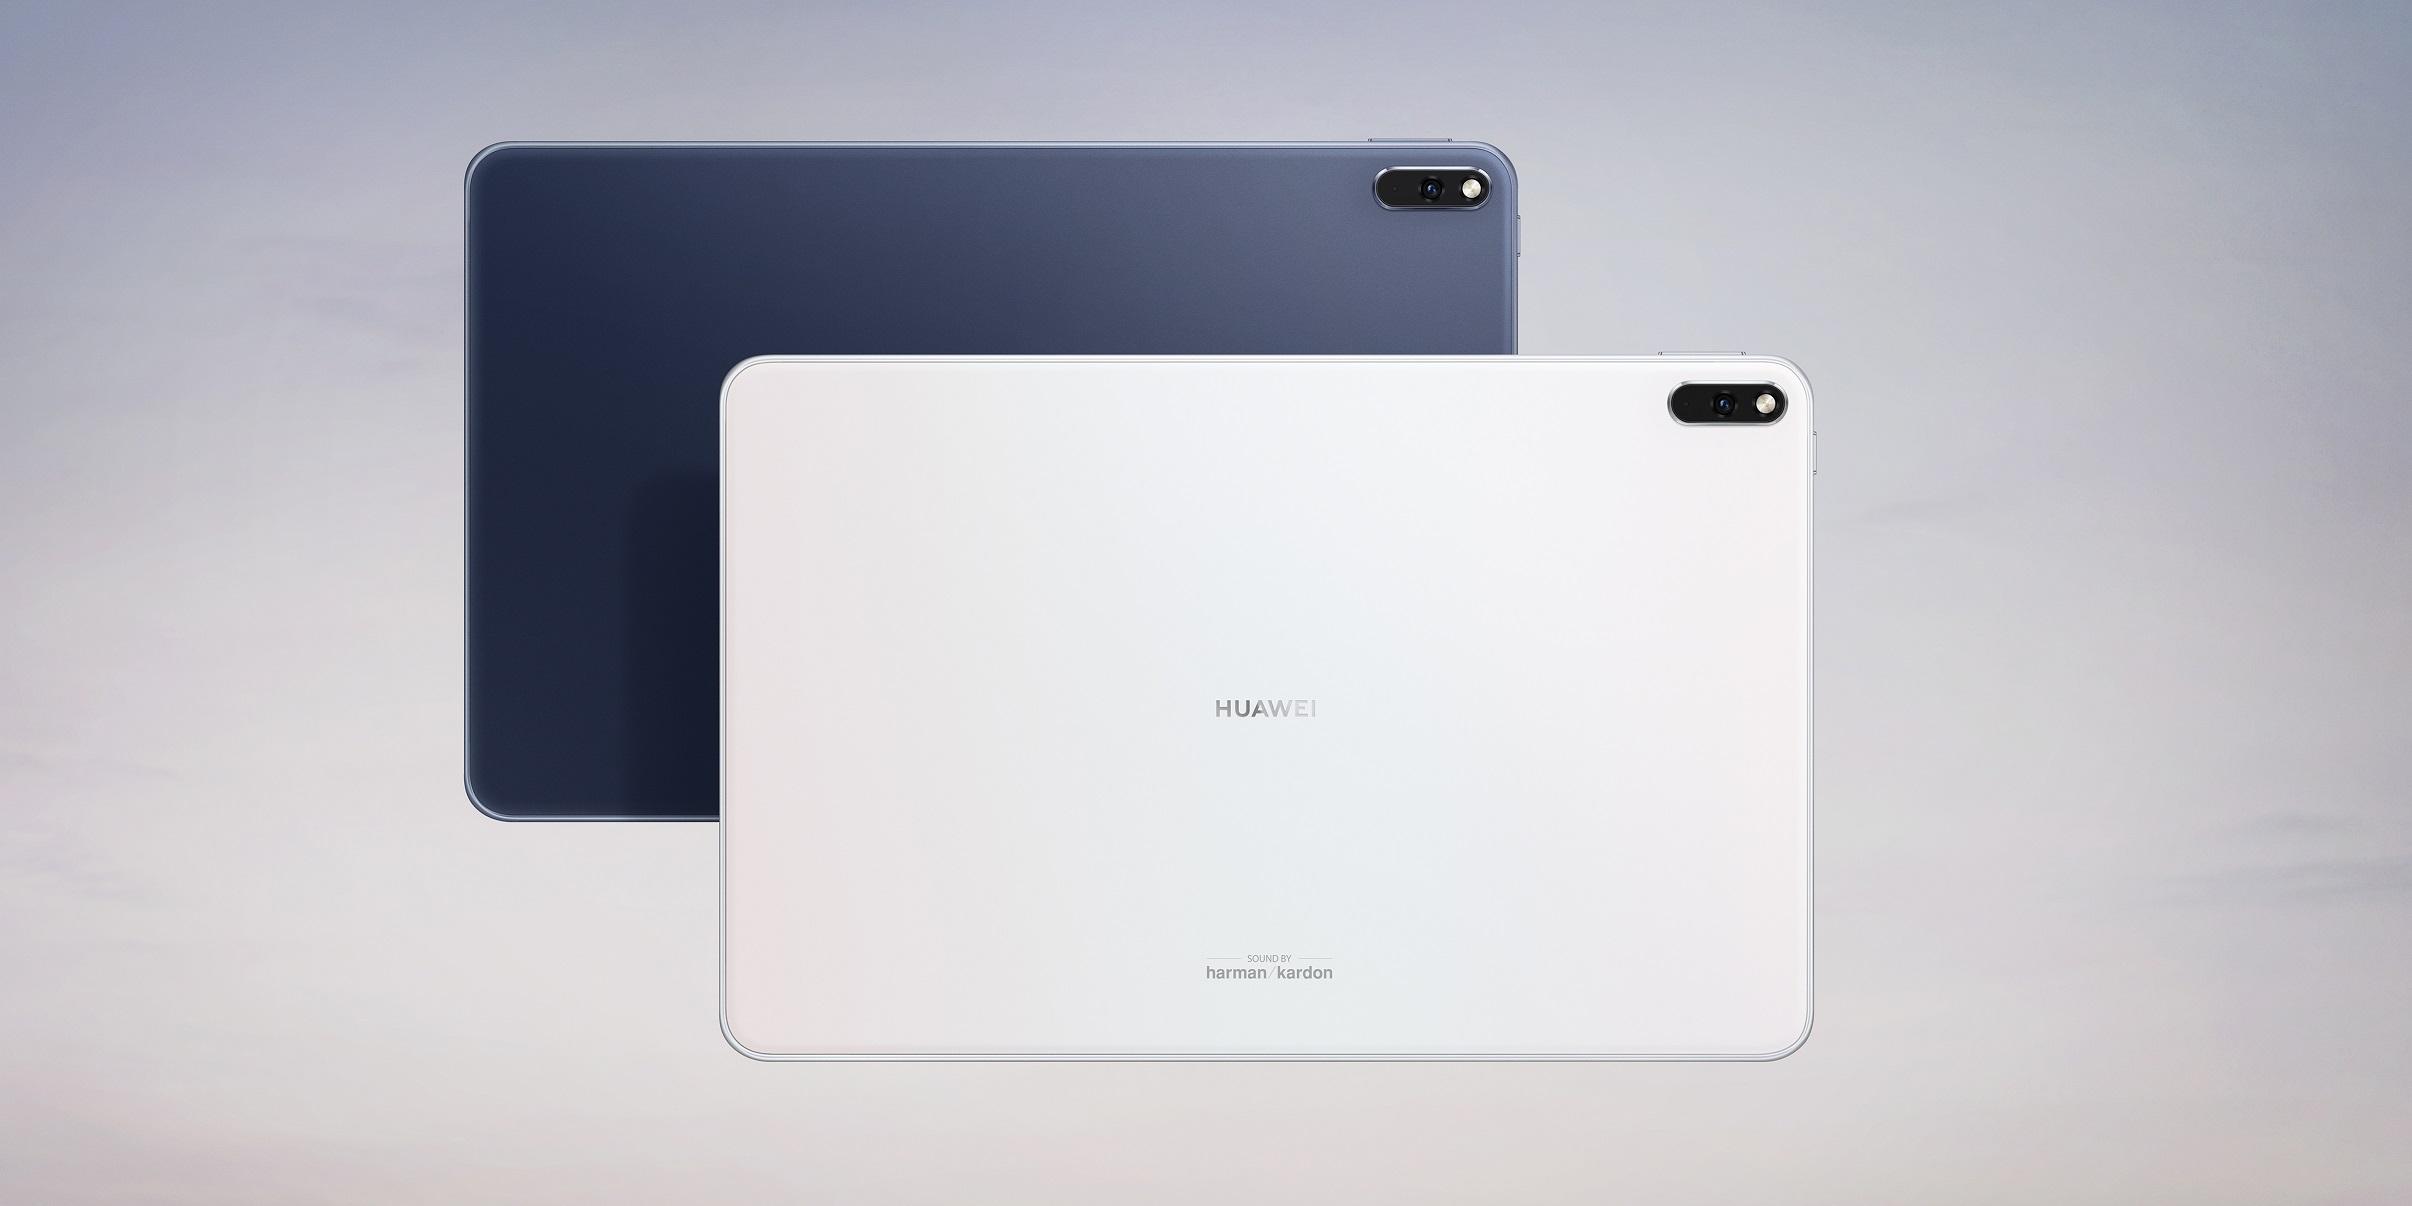 Spodziewajcie się dwóch nowych tabletów Huawei: ośmiocalowego i dziesięciocalowego MatePada 21